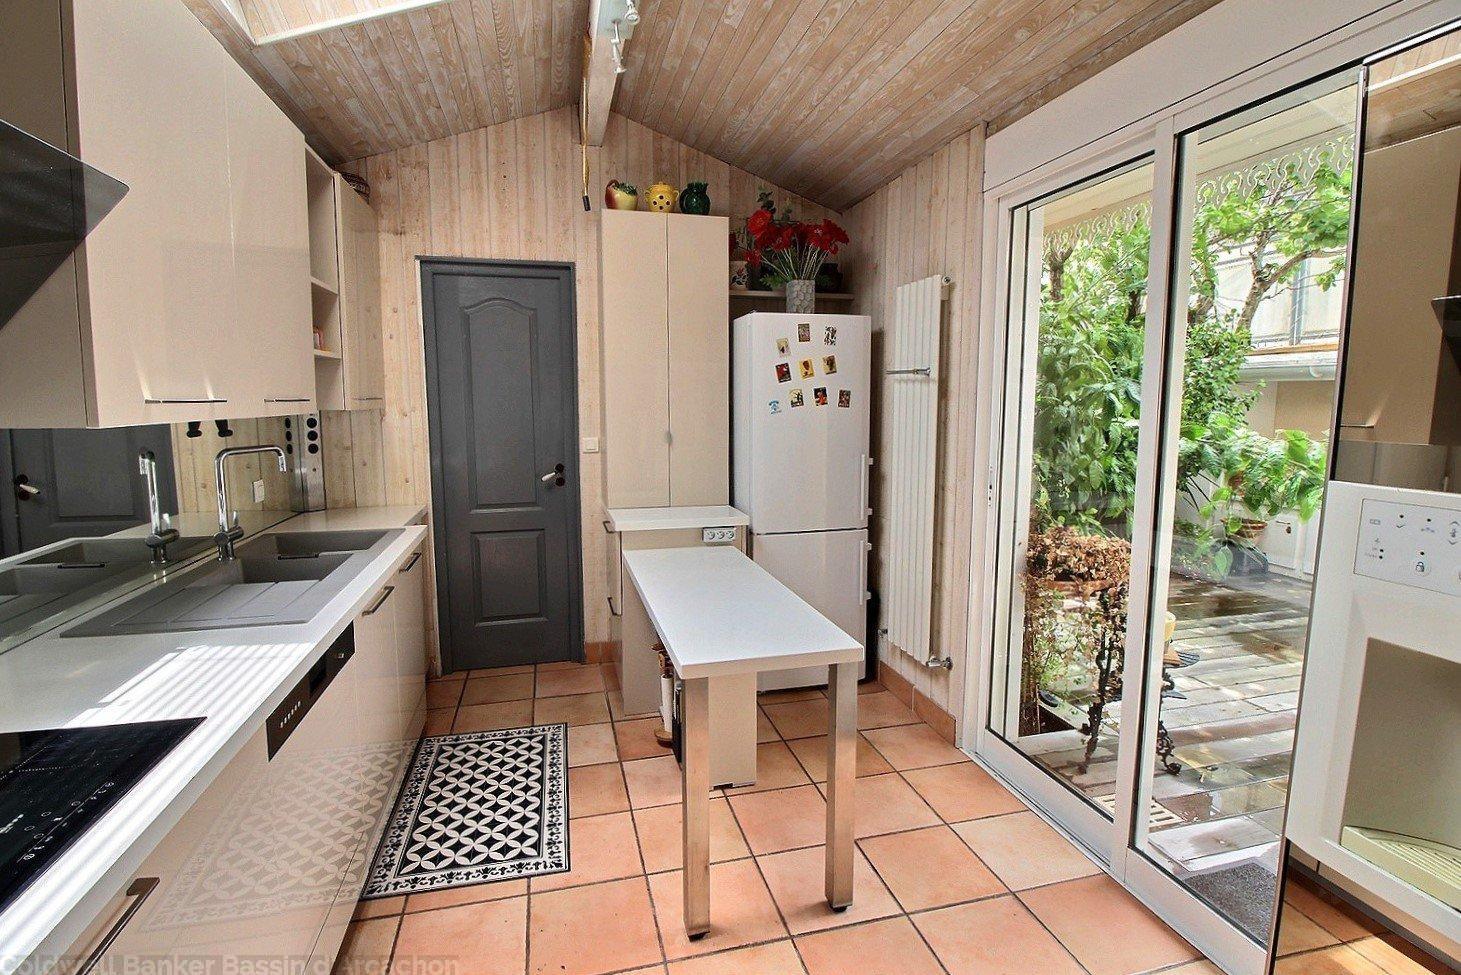 Maison familiale avec patio et beaux volumes à vendre arcachon centre ville